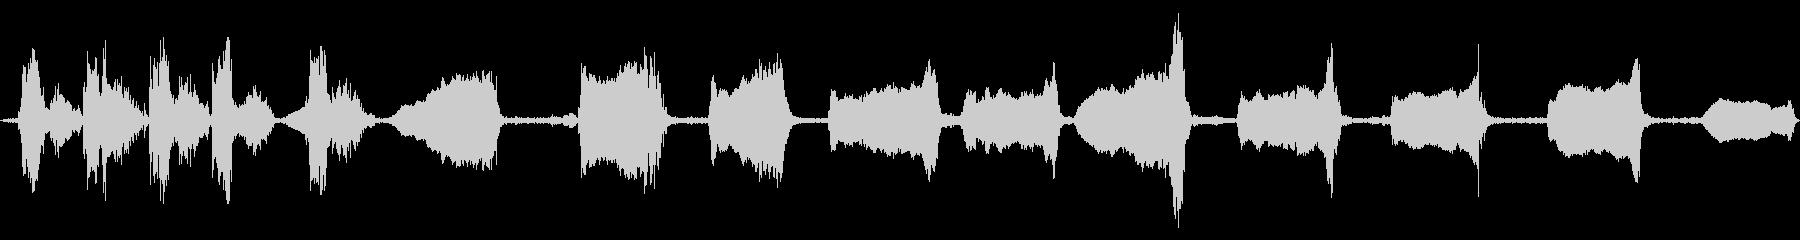 インコラル、チェーンムーブメント、...の未再生の波形